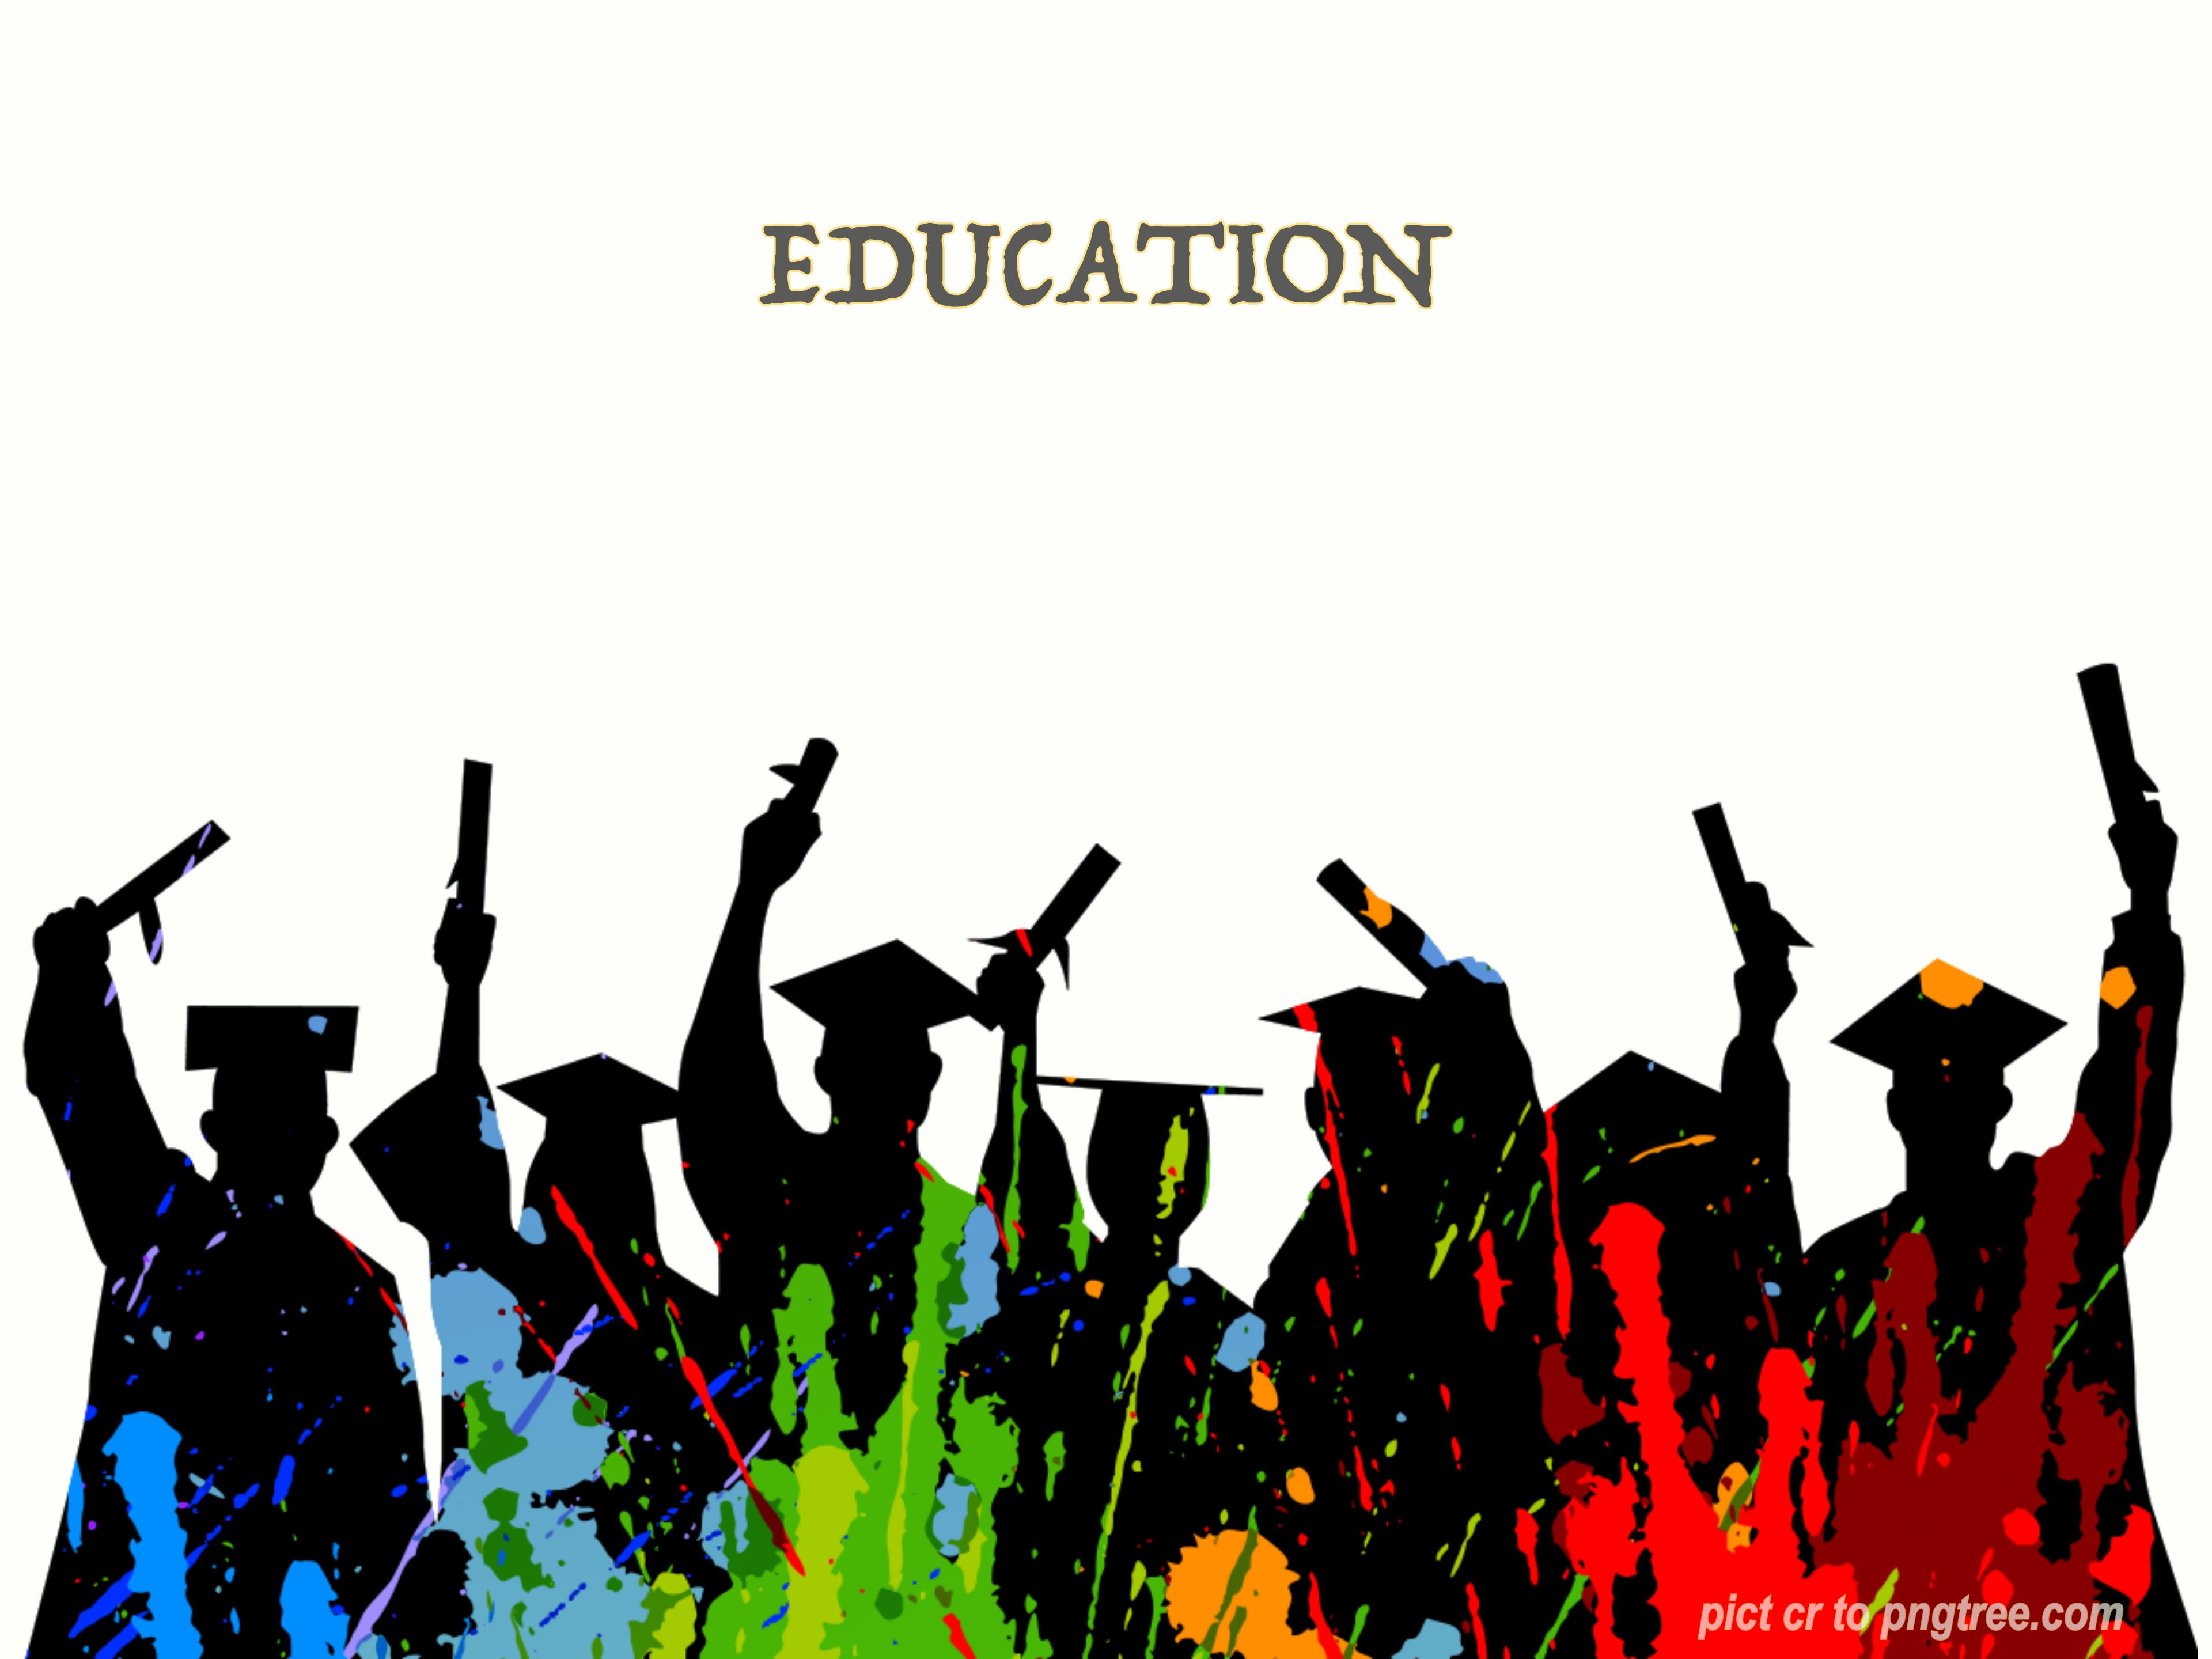 Kemajuan Pendidikan Indonesia yang Merata Bisa Cepat Tercapai, Bagaimana Caranya?